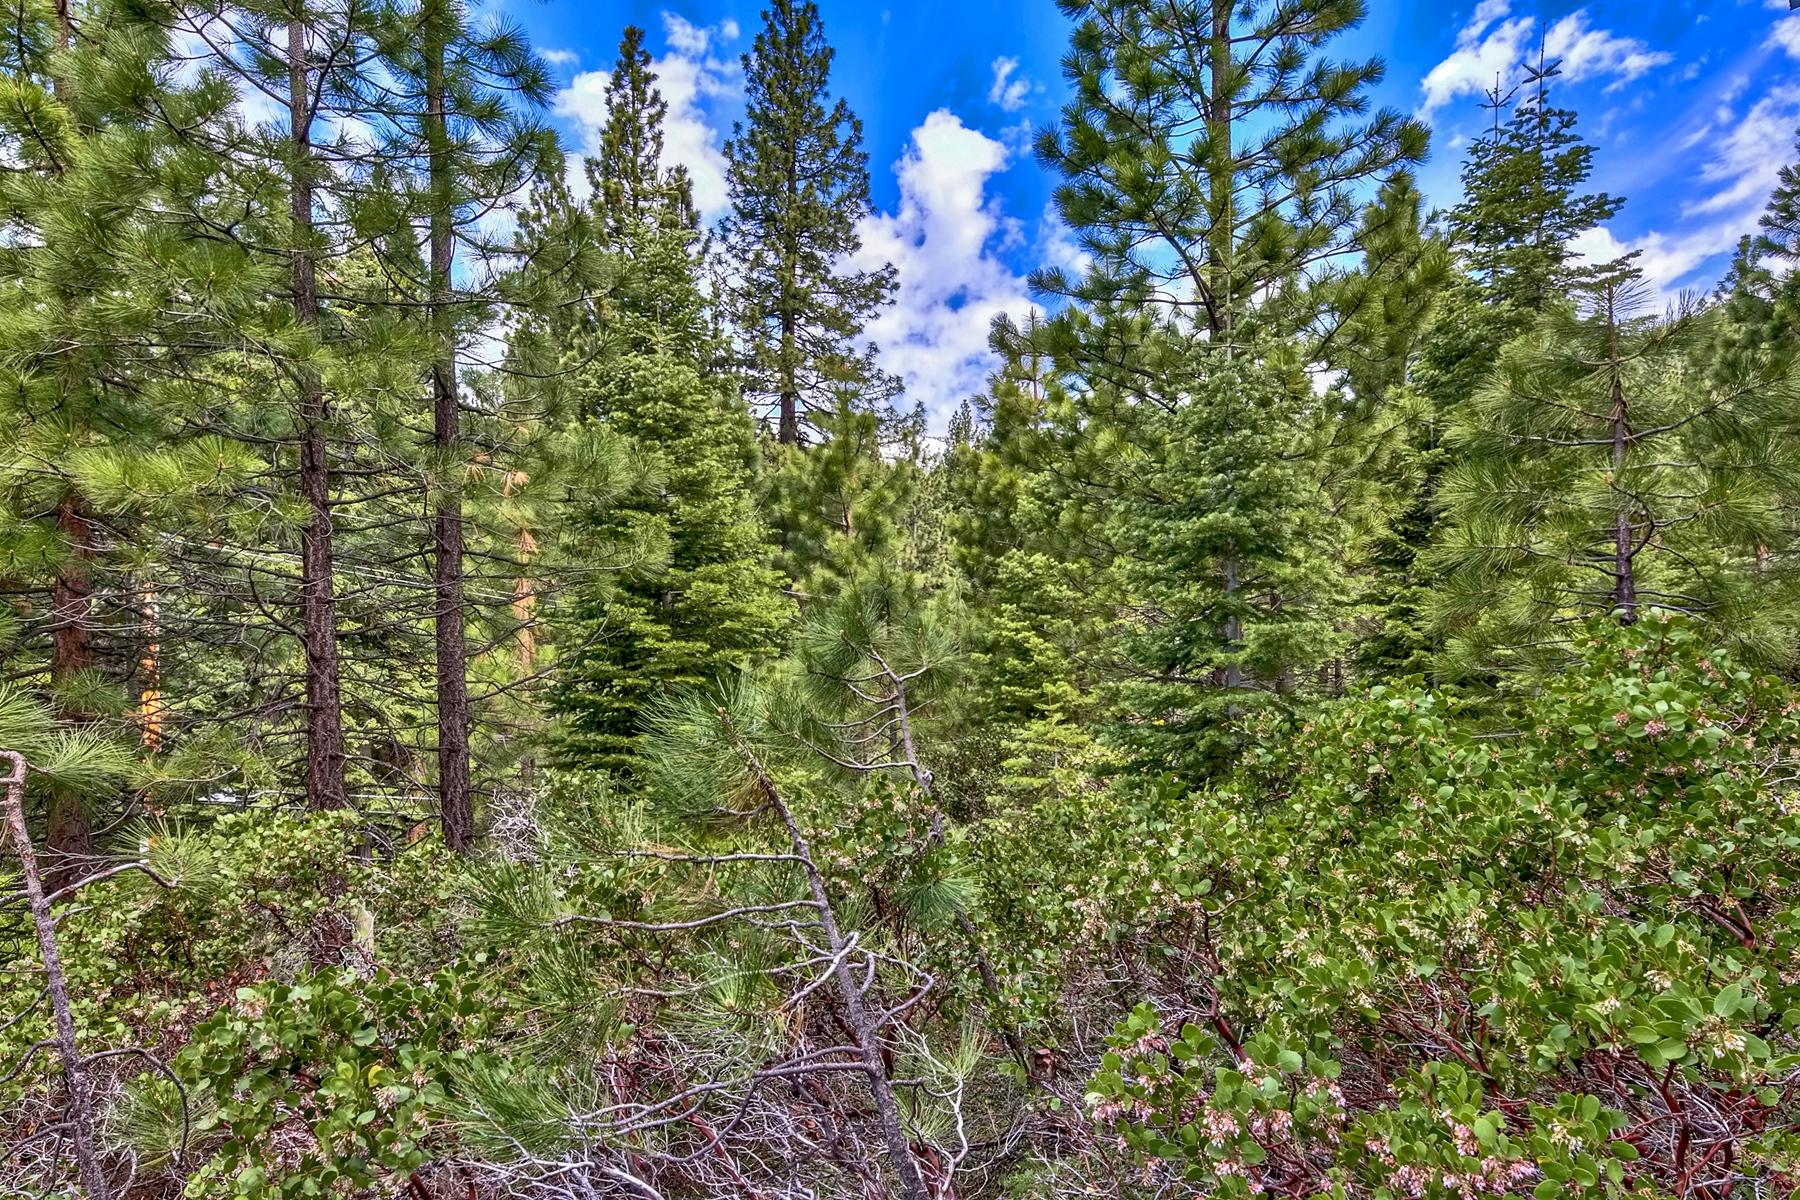 Additional photo for property listing at 325 Woodridge, Incline Village, Nevada 325 Woodridge Way Incline Village, Nevada 89451 United States